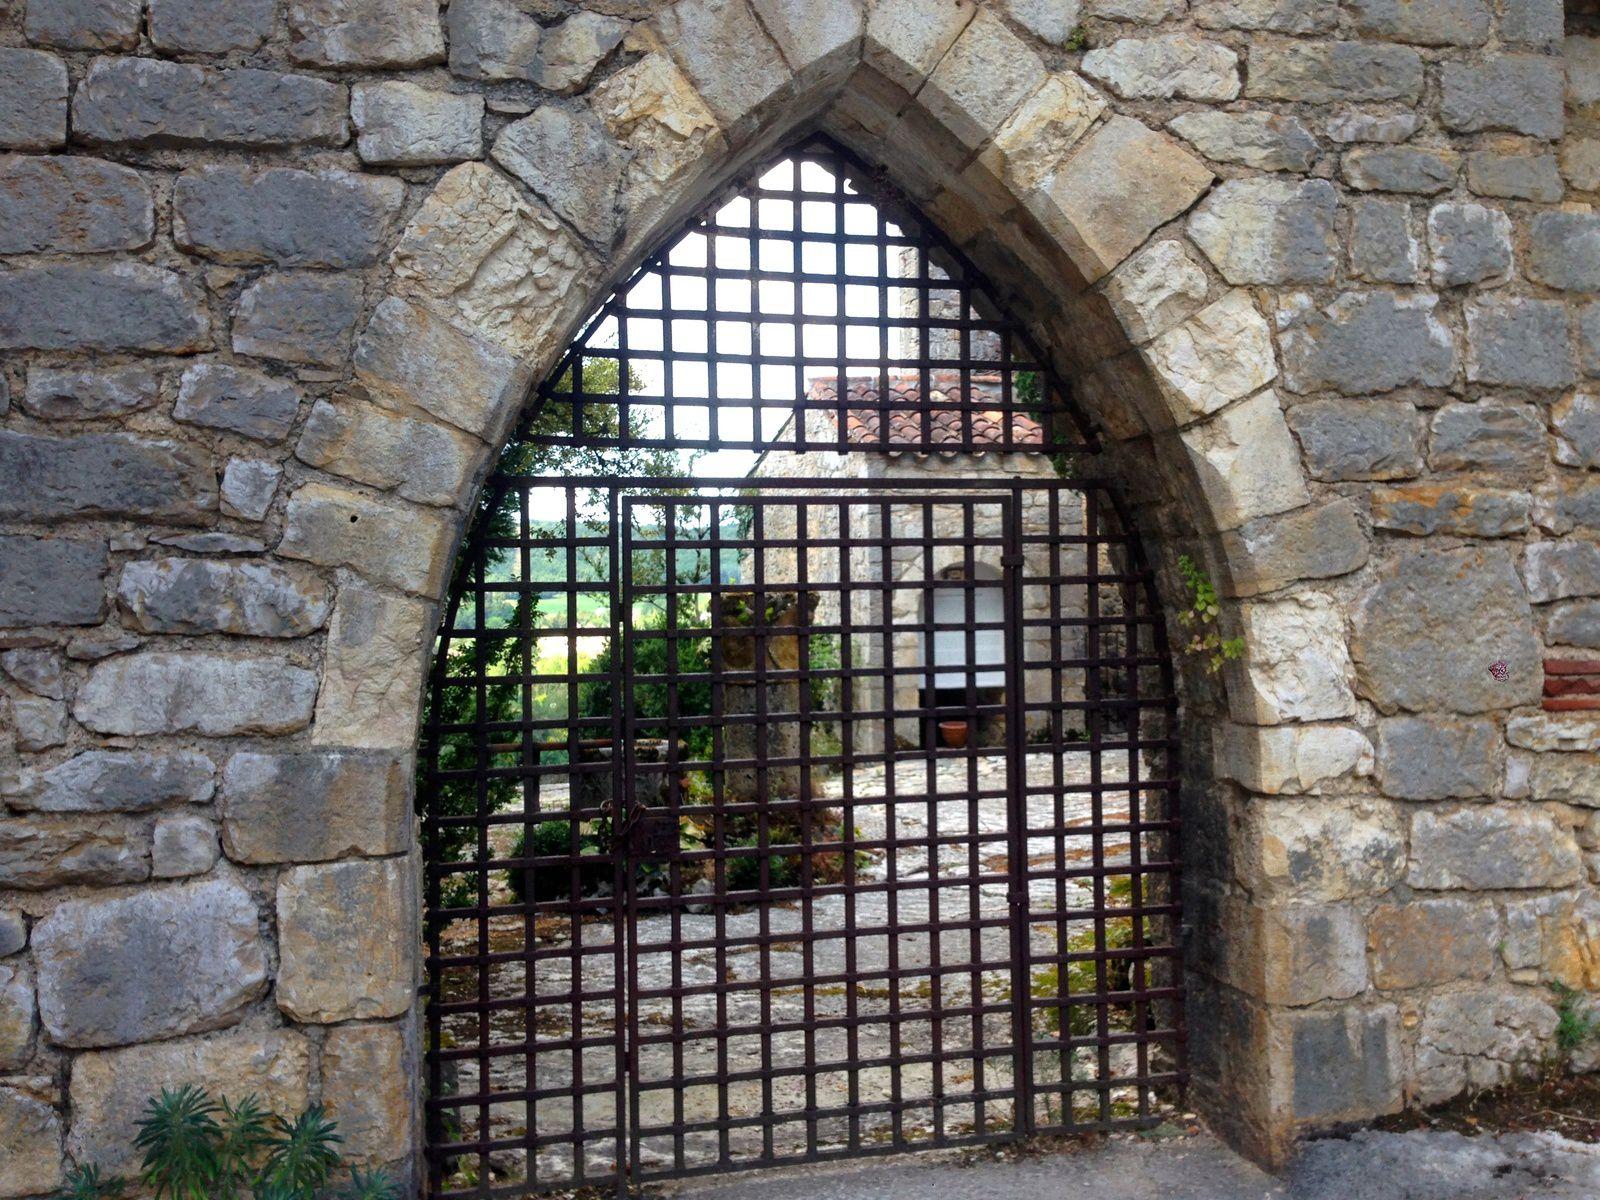 Aperçu du jardin de l'extérieur du musée par une porte ogivale.